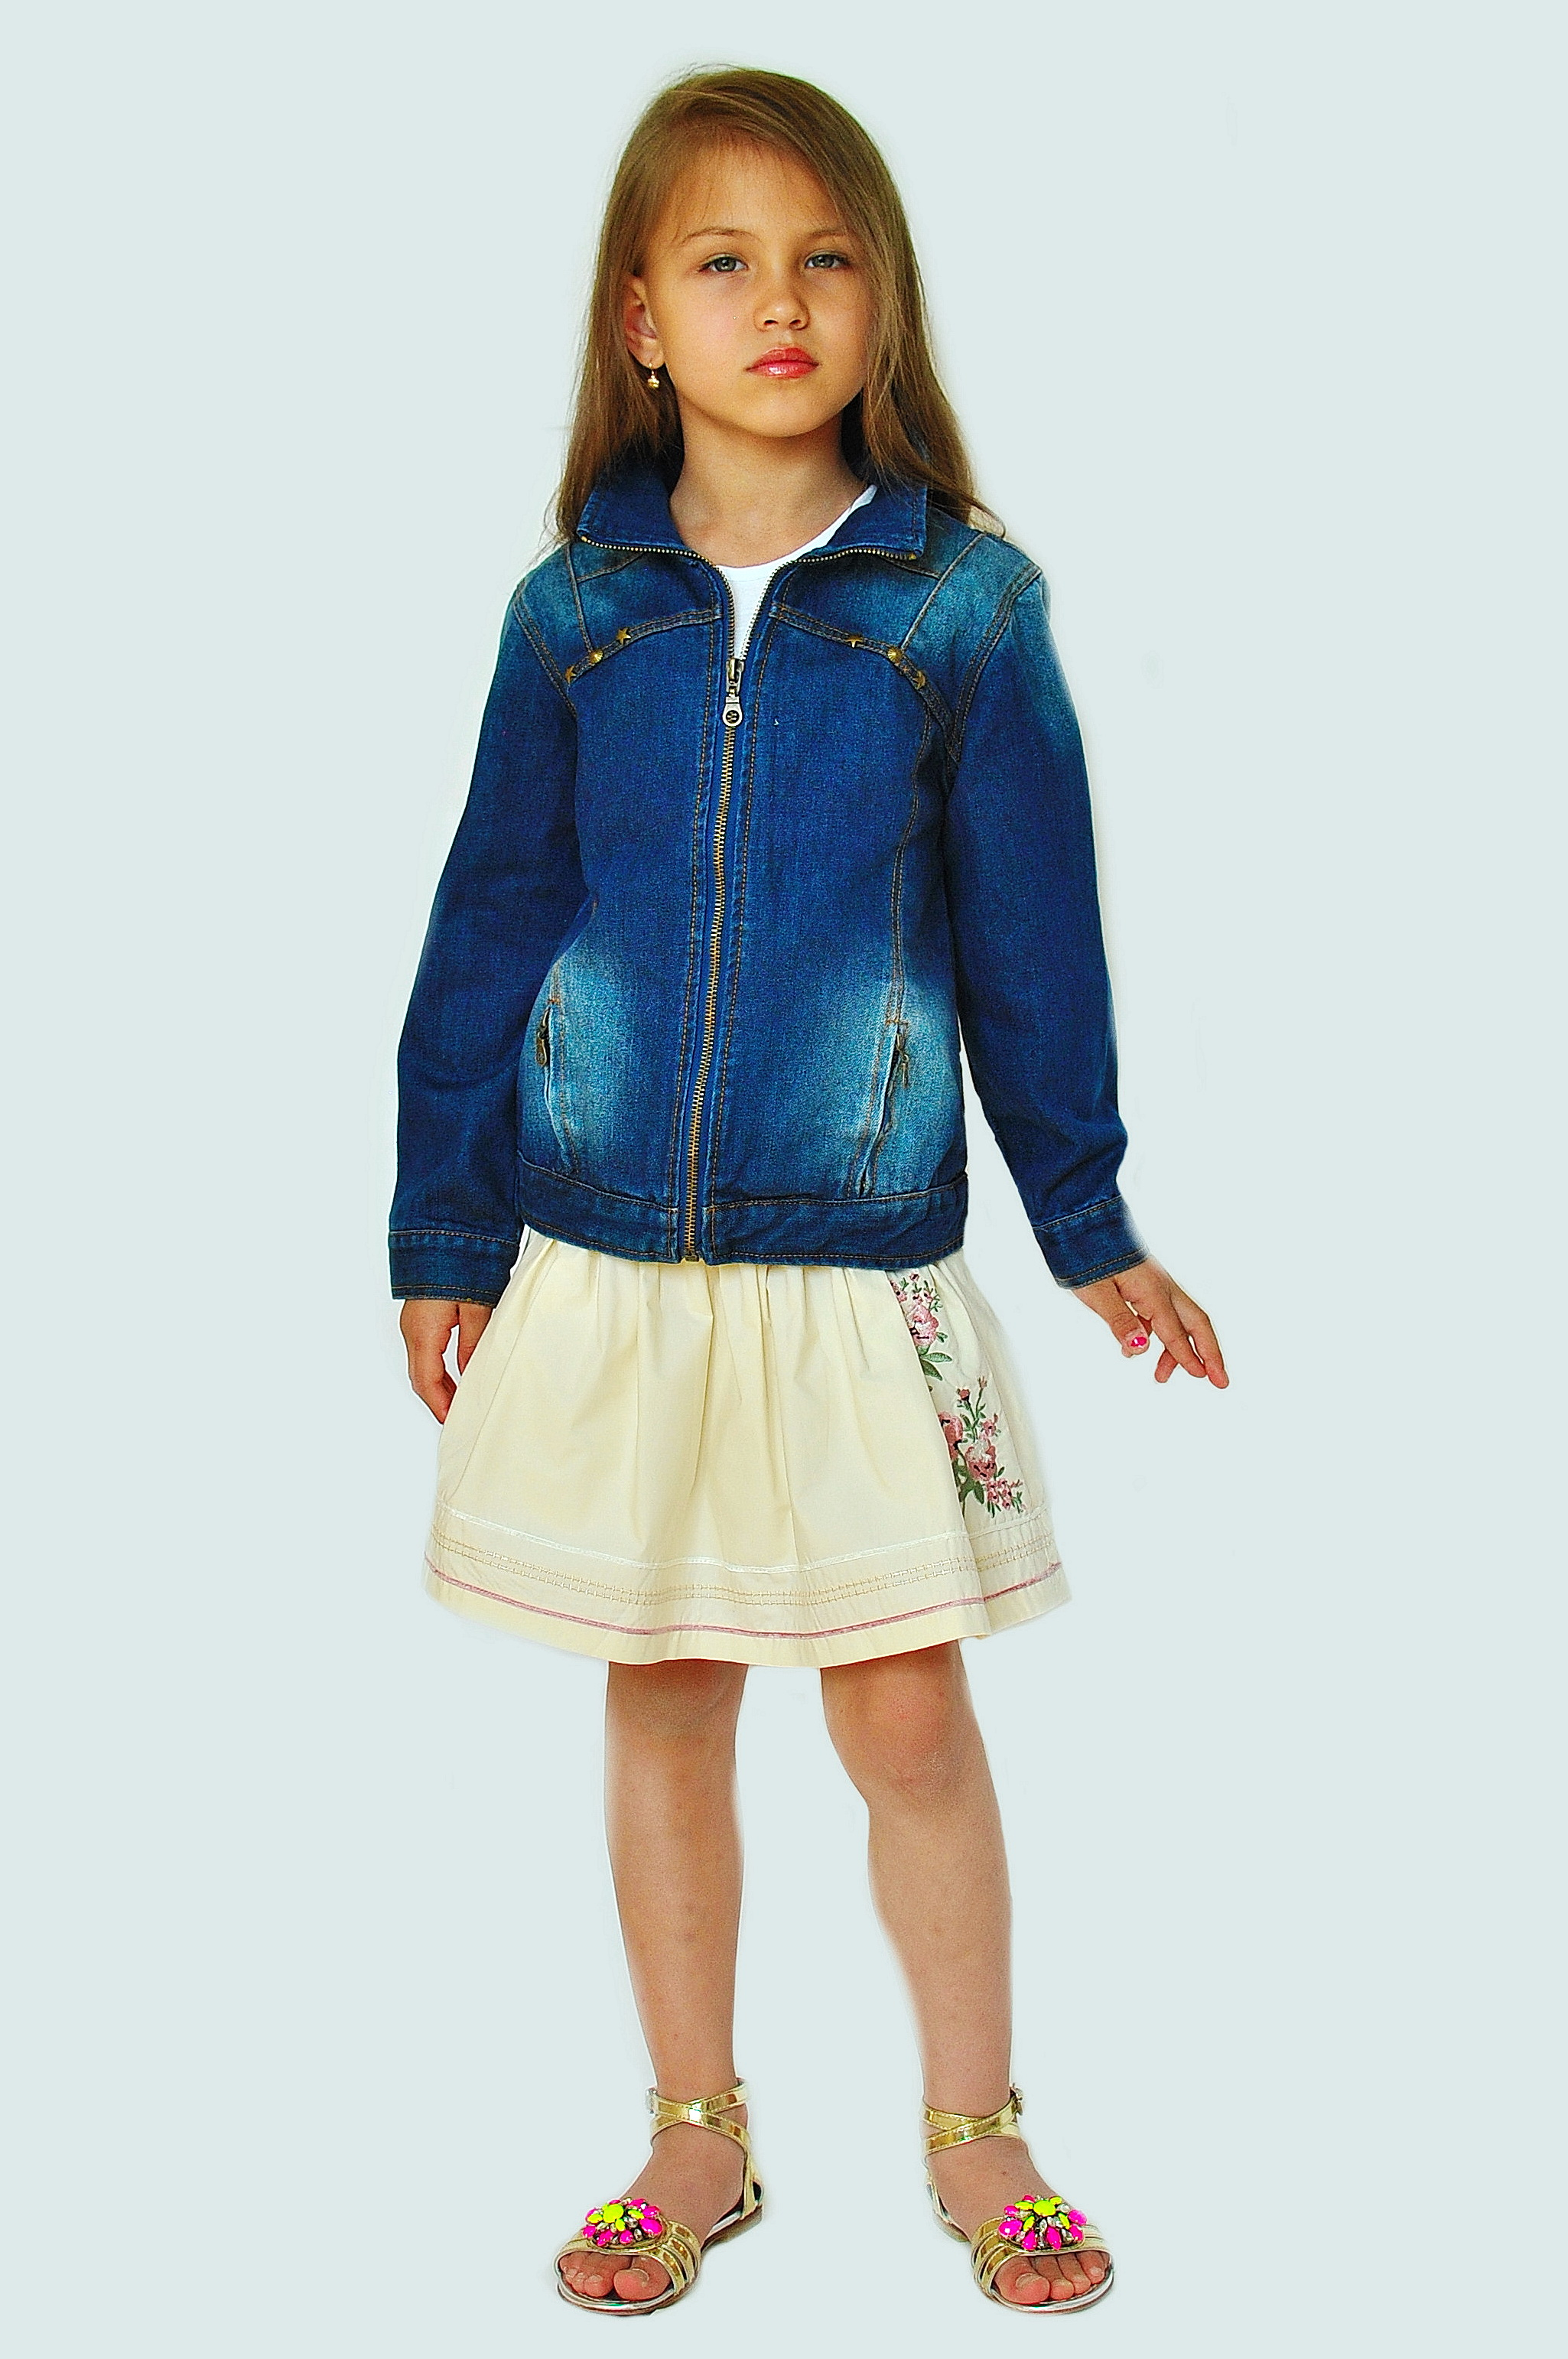 Фото: 3. Пиджак джинсовый Catimini для девочек